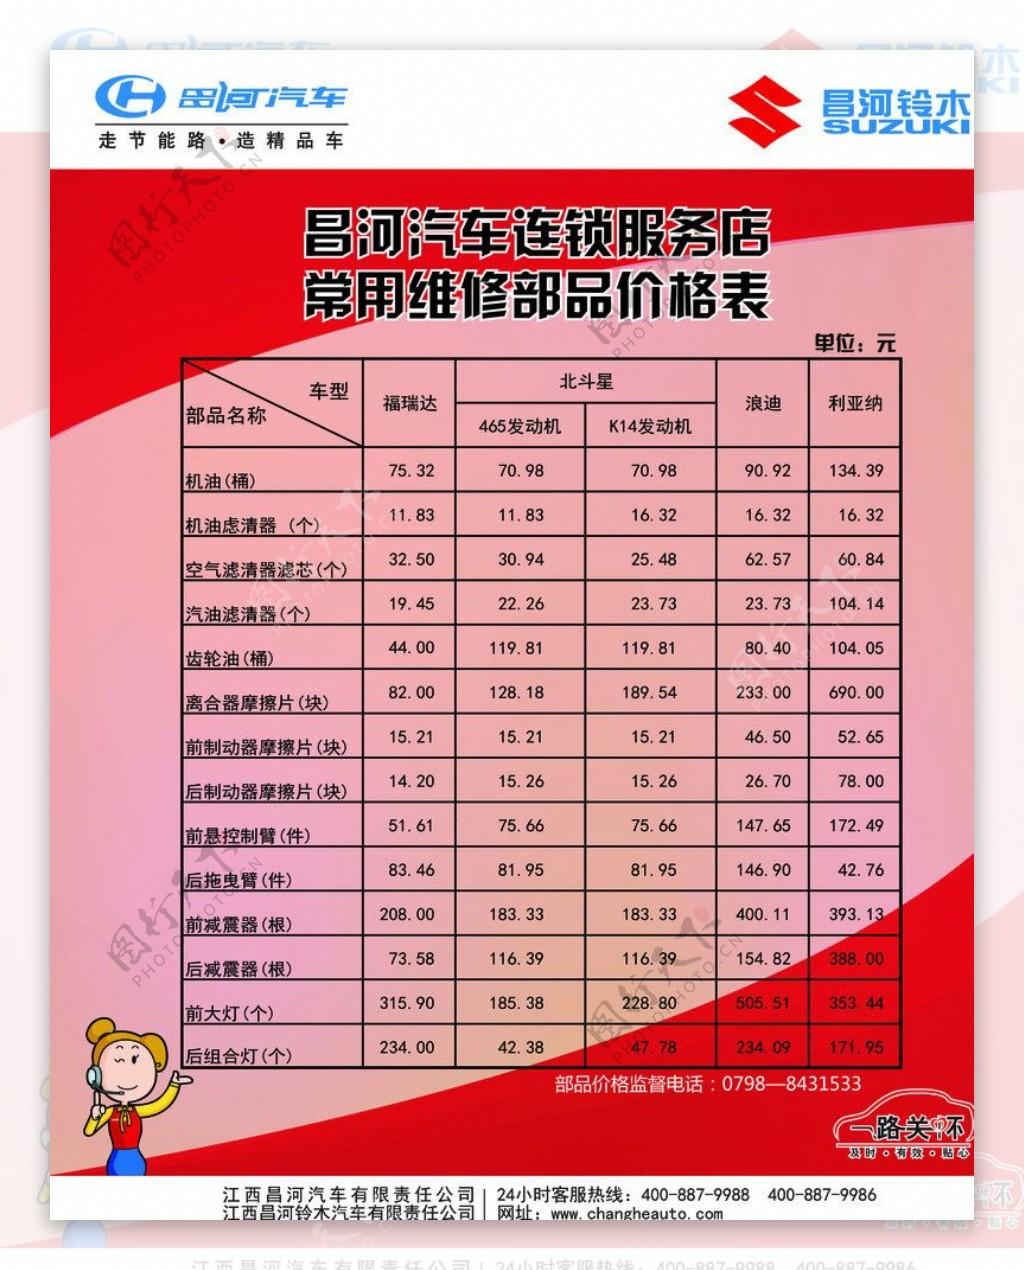 昌河汽车连锁服务店图片